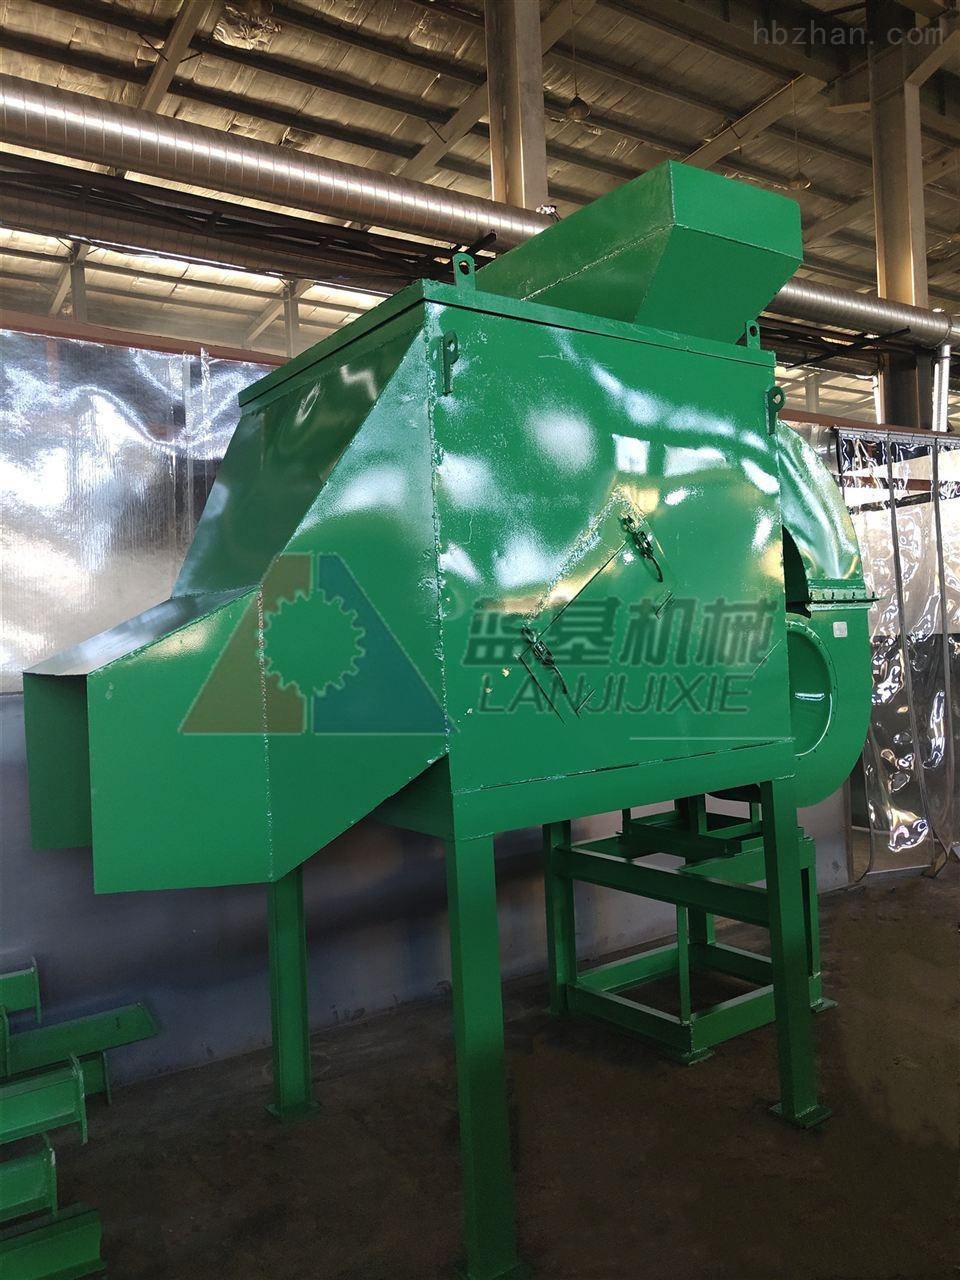 西安装修垃圾处理专业设备生活垃圾筛分设备